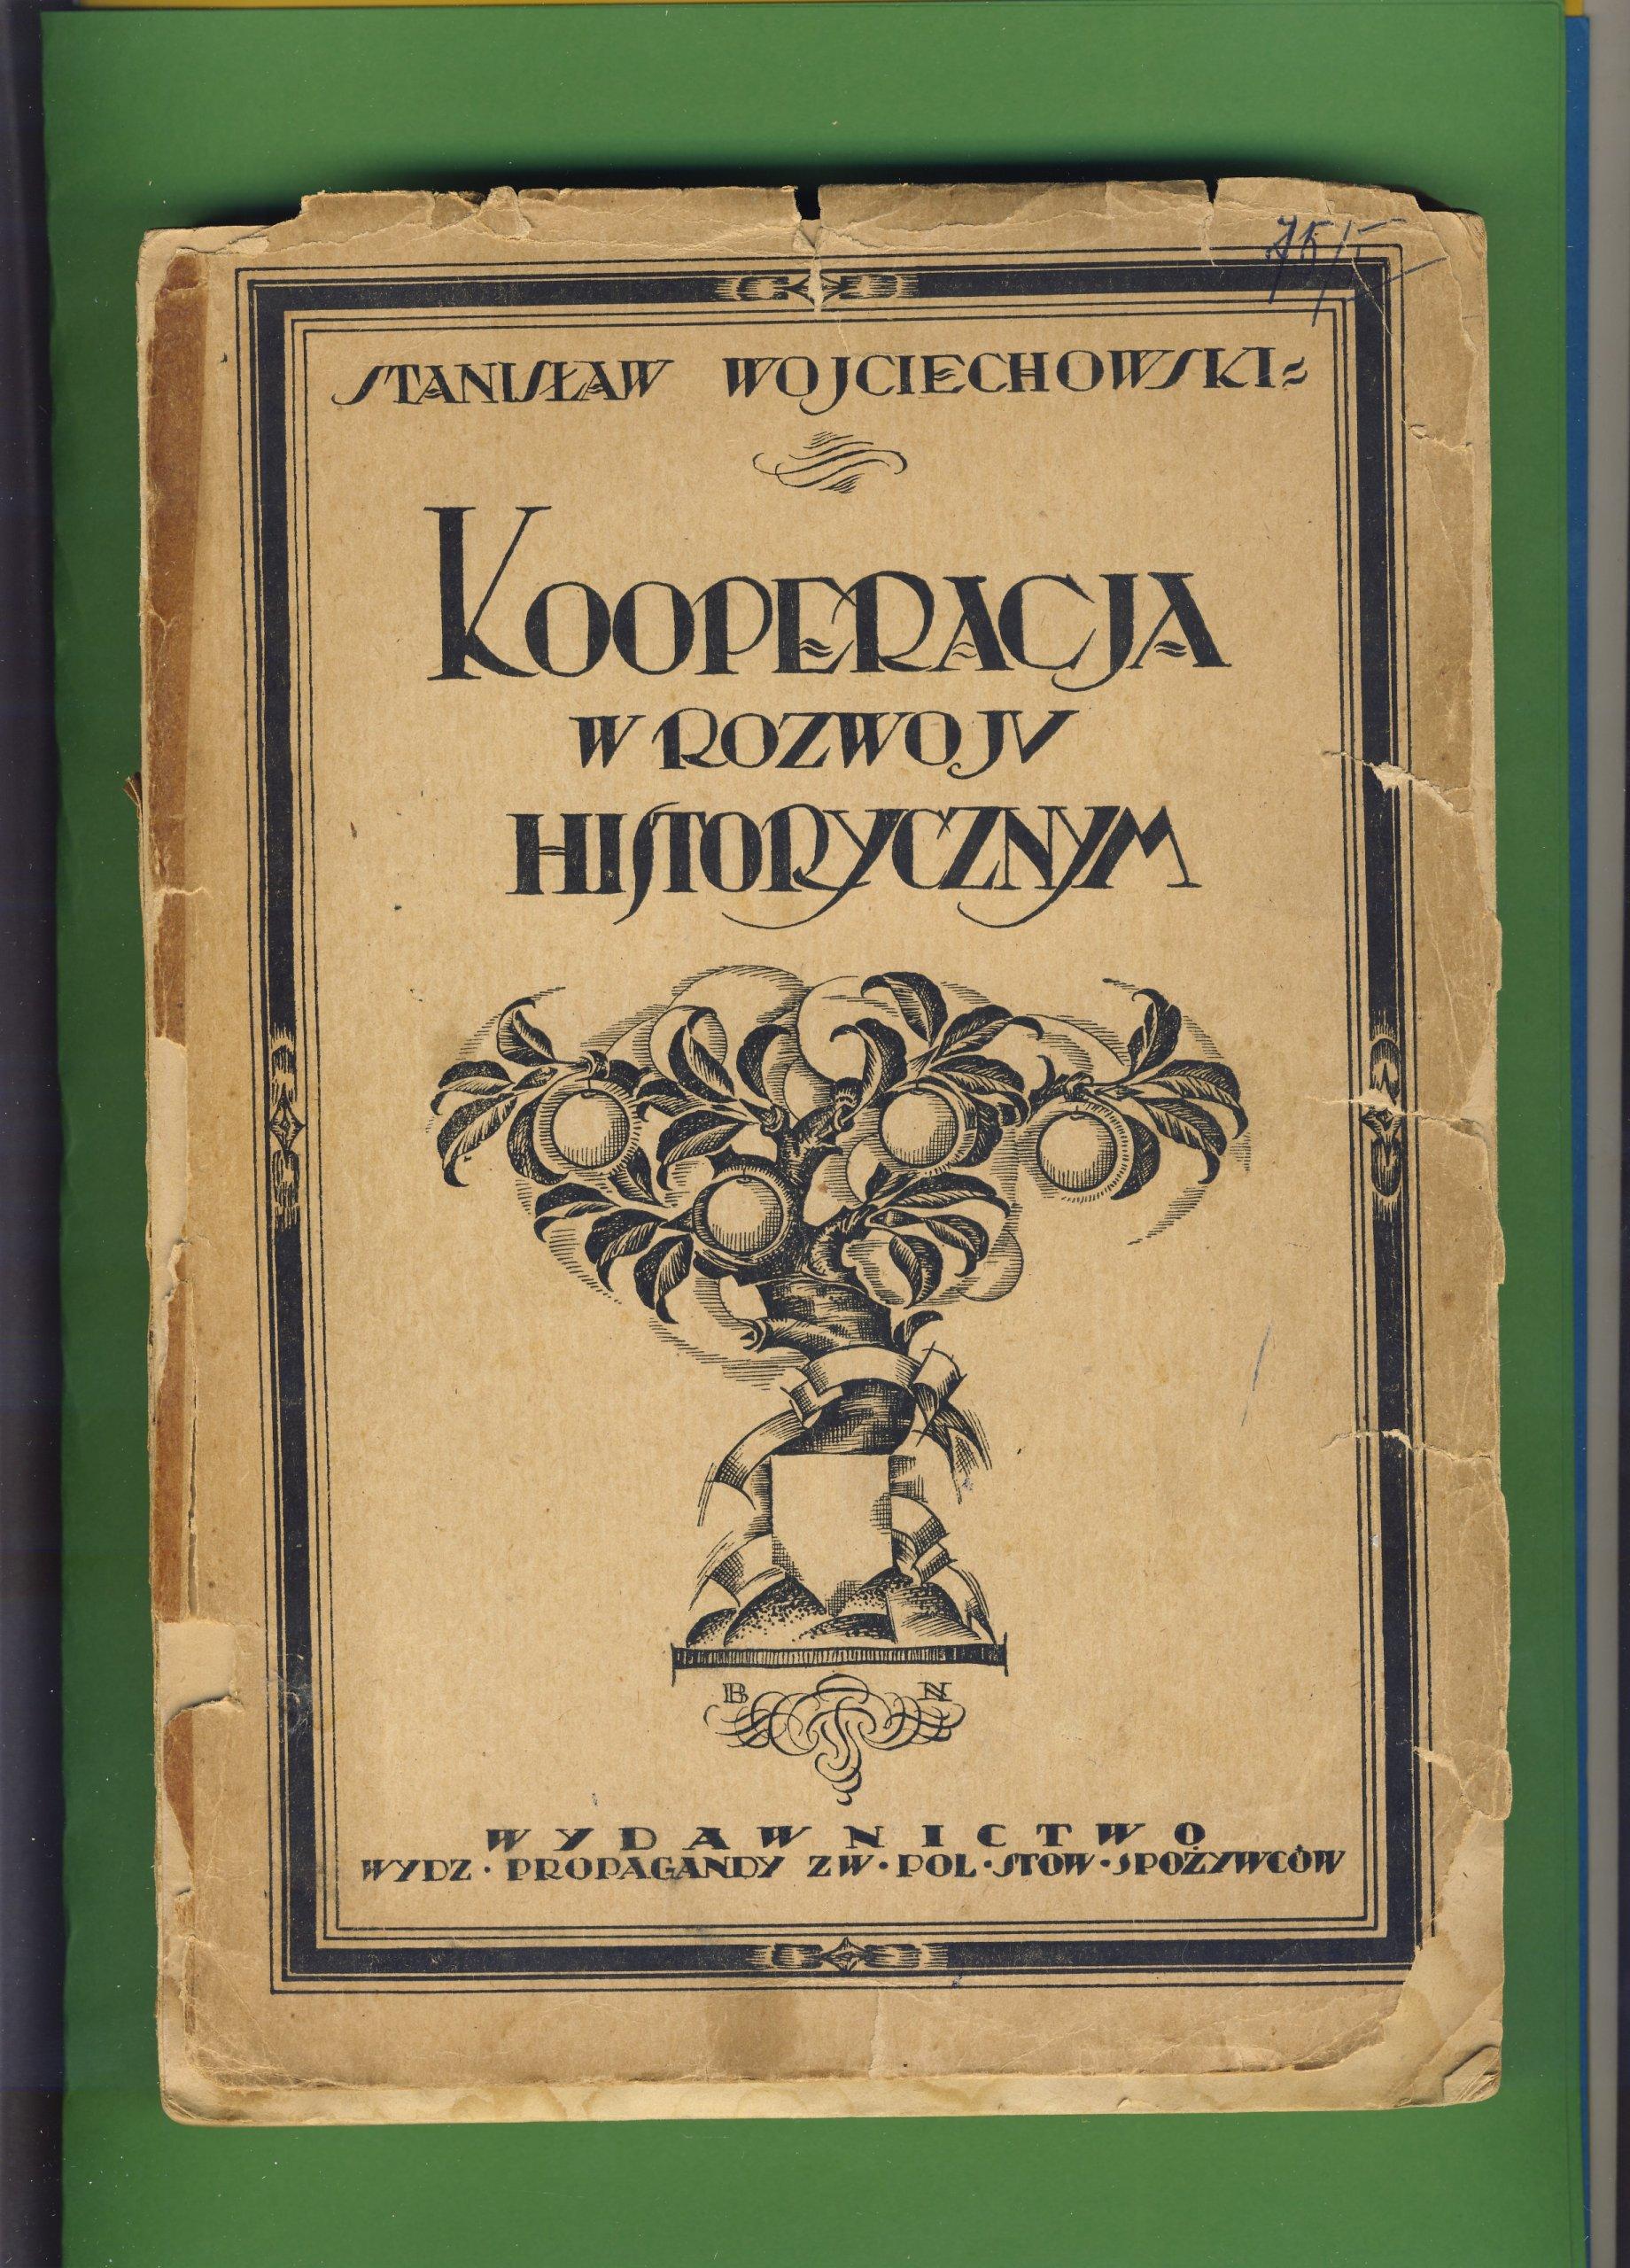 Kooperacja w rozwoju historycznym - Wojciechowski